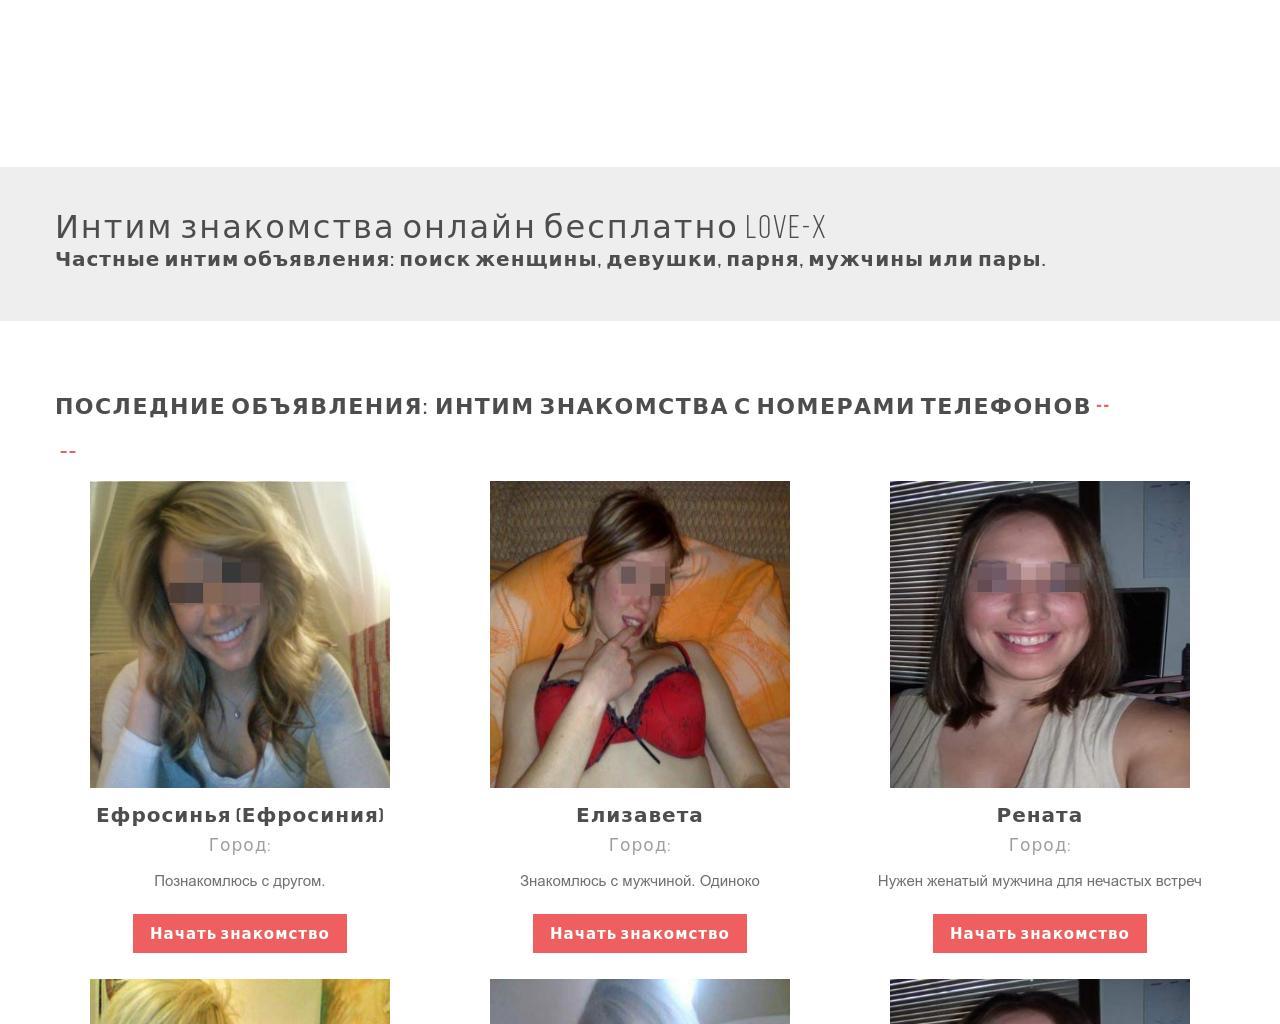 бесплатные объявления интим знакомства киев